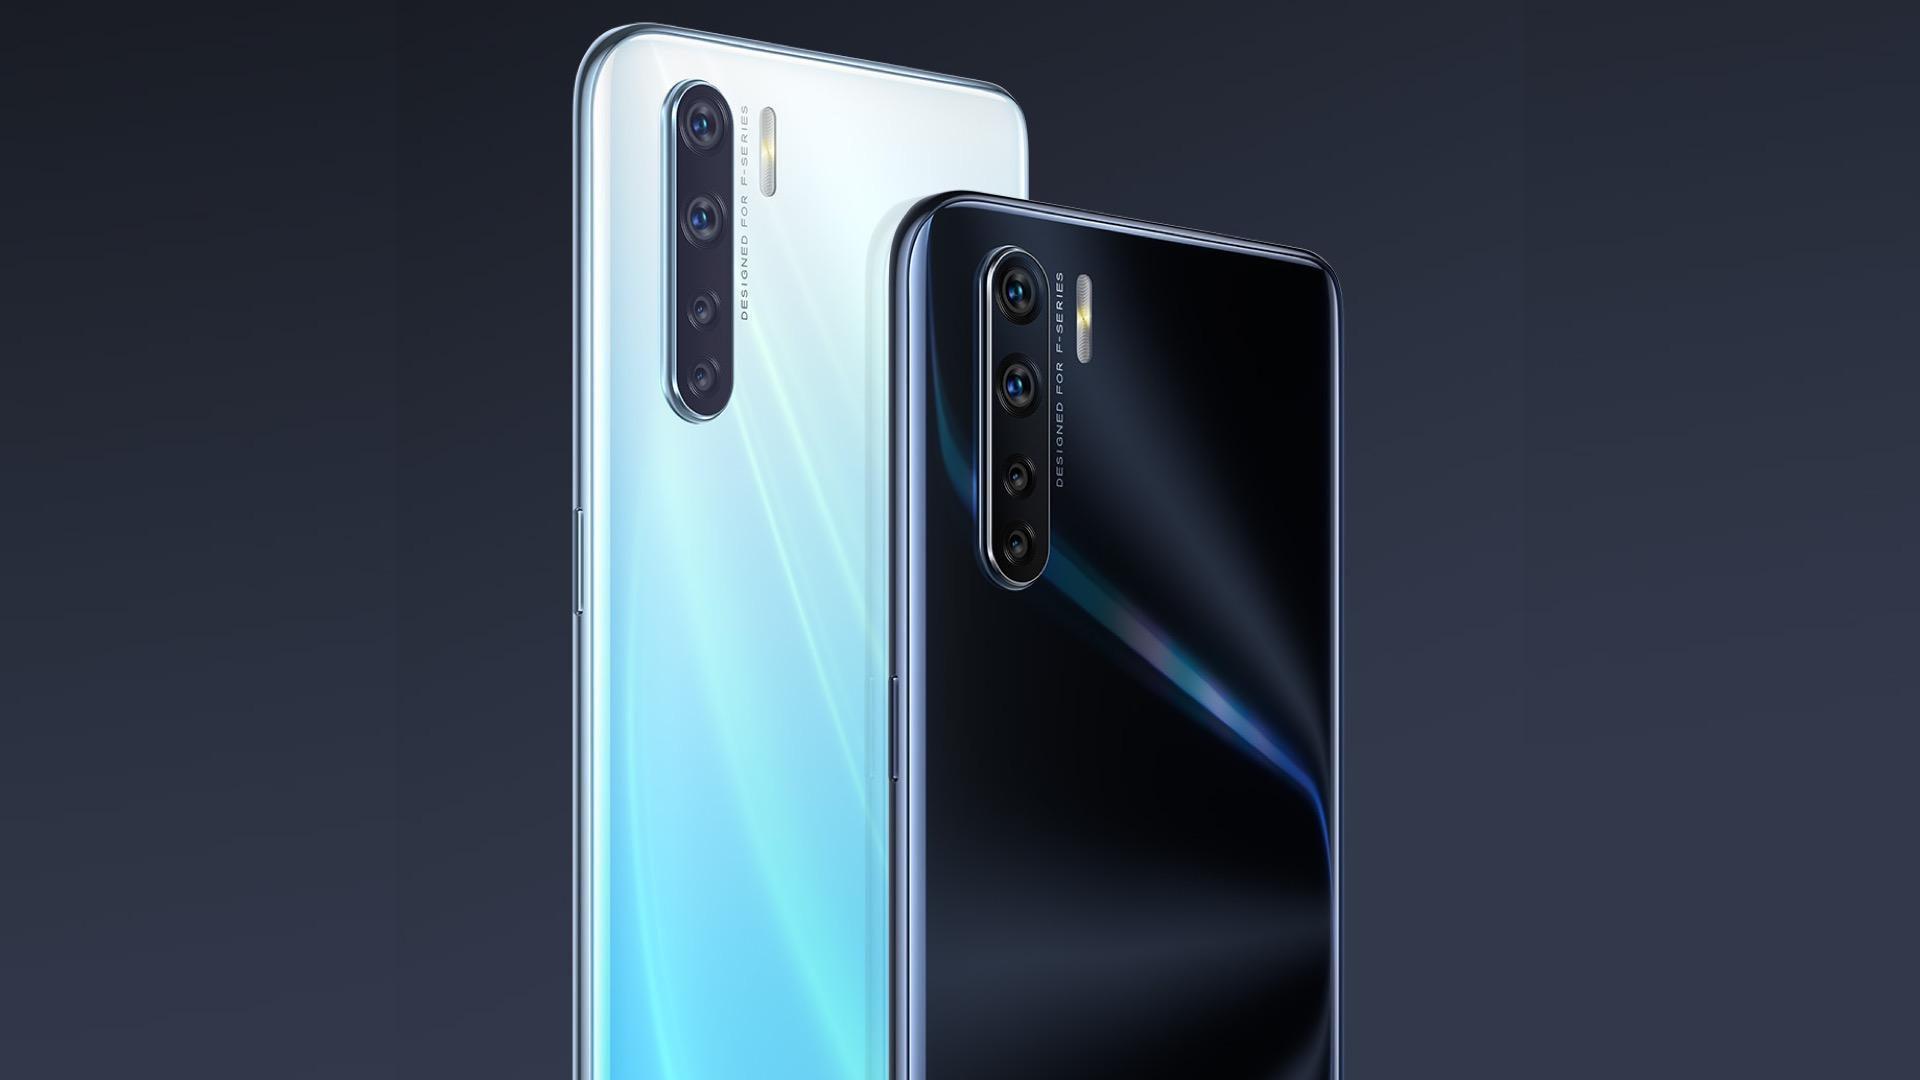 Oppo F15: смартфон среднего уровня с 6,4-дюймовым дисплеем, квадрокамерой и дактилоскопическим сканером под экраном - изображение